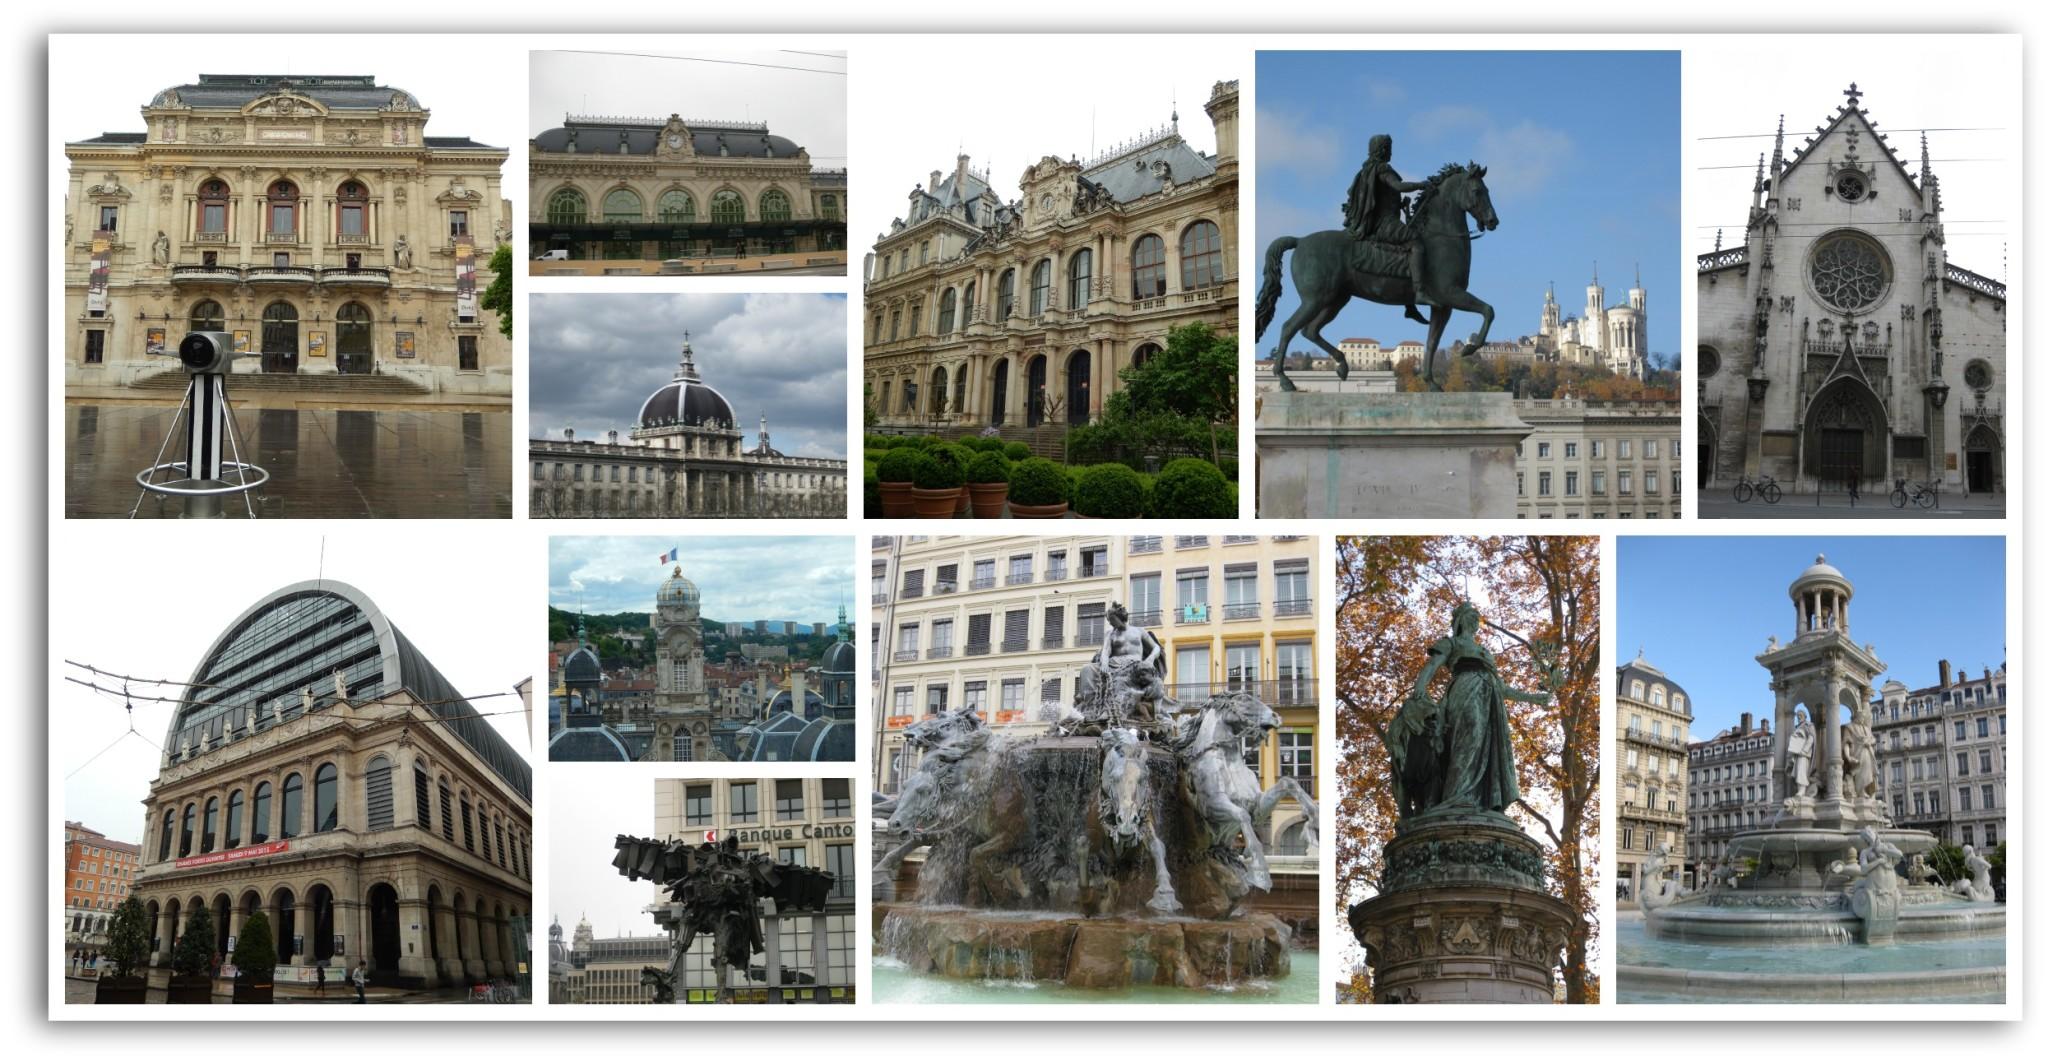 Intalnire gratuita in Lyon